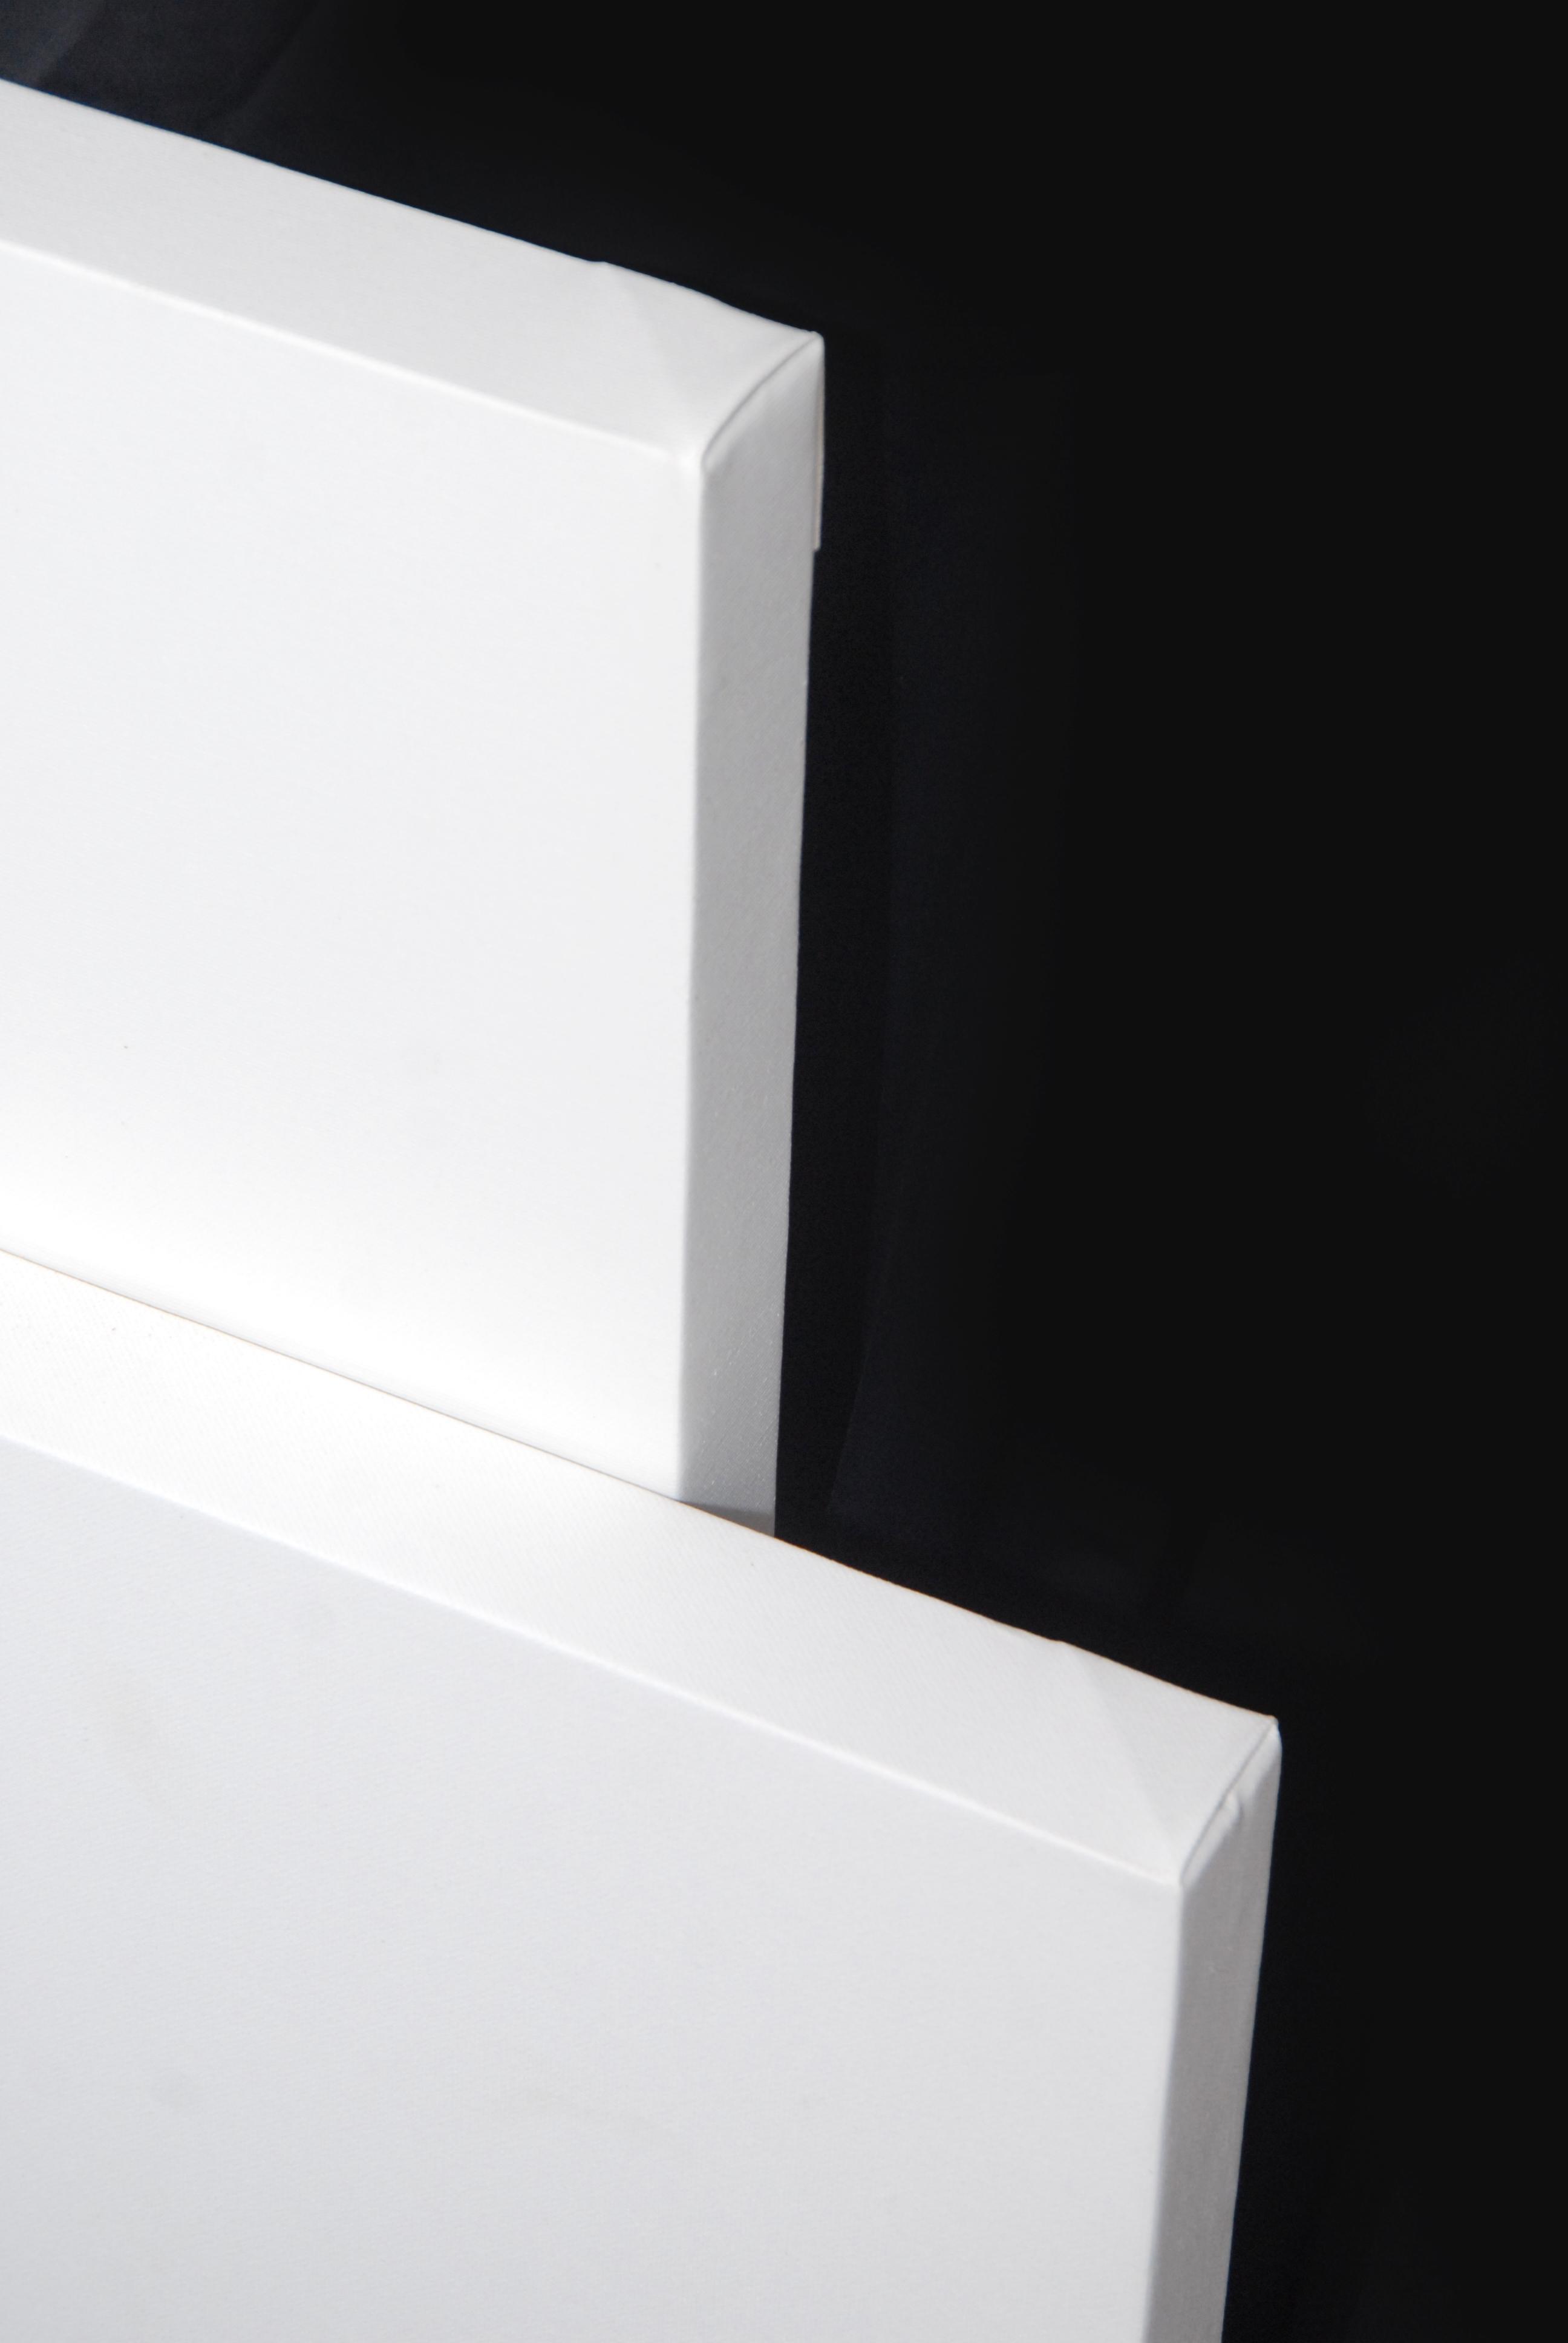 Tele in Cotone Gallery - Profilo 4 cm -  Puro Cotone - profilo telaio  4 cm - Tele Gallery Linea 40